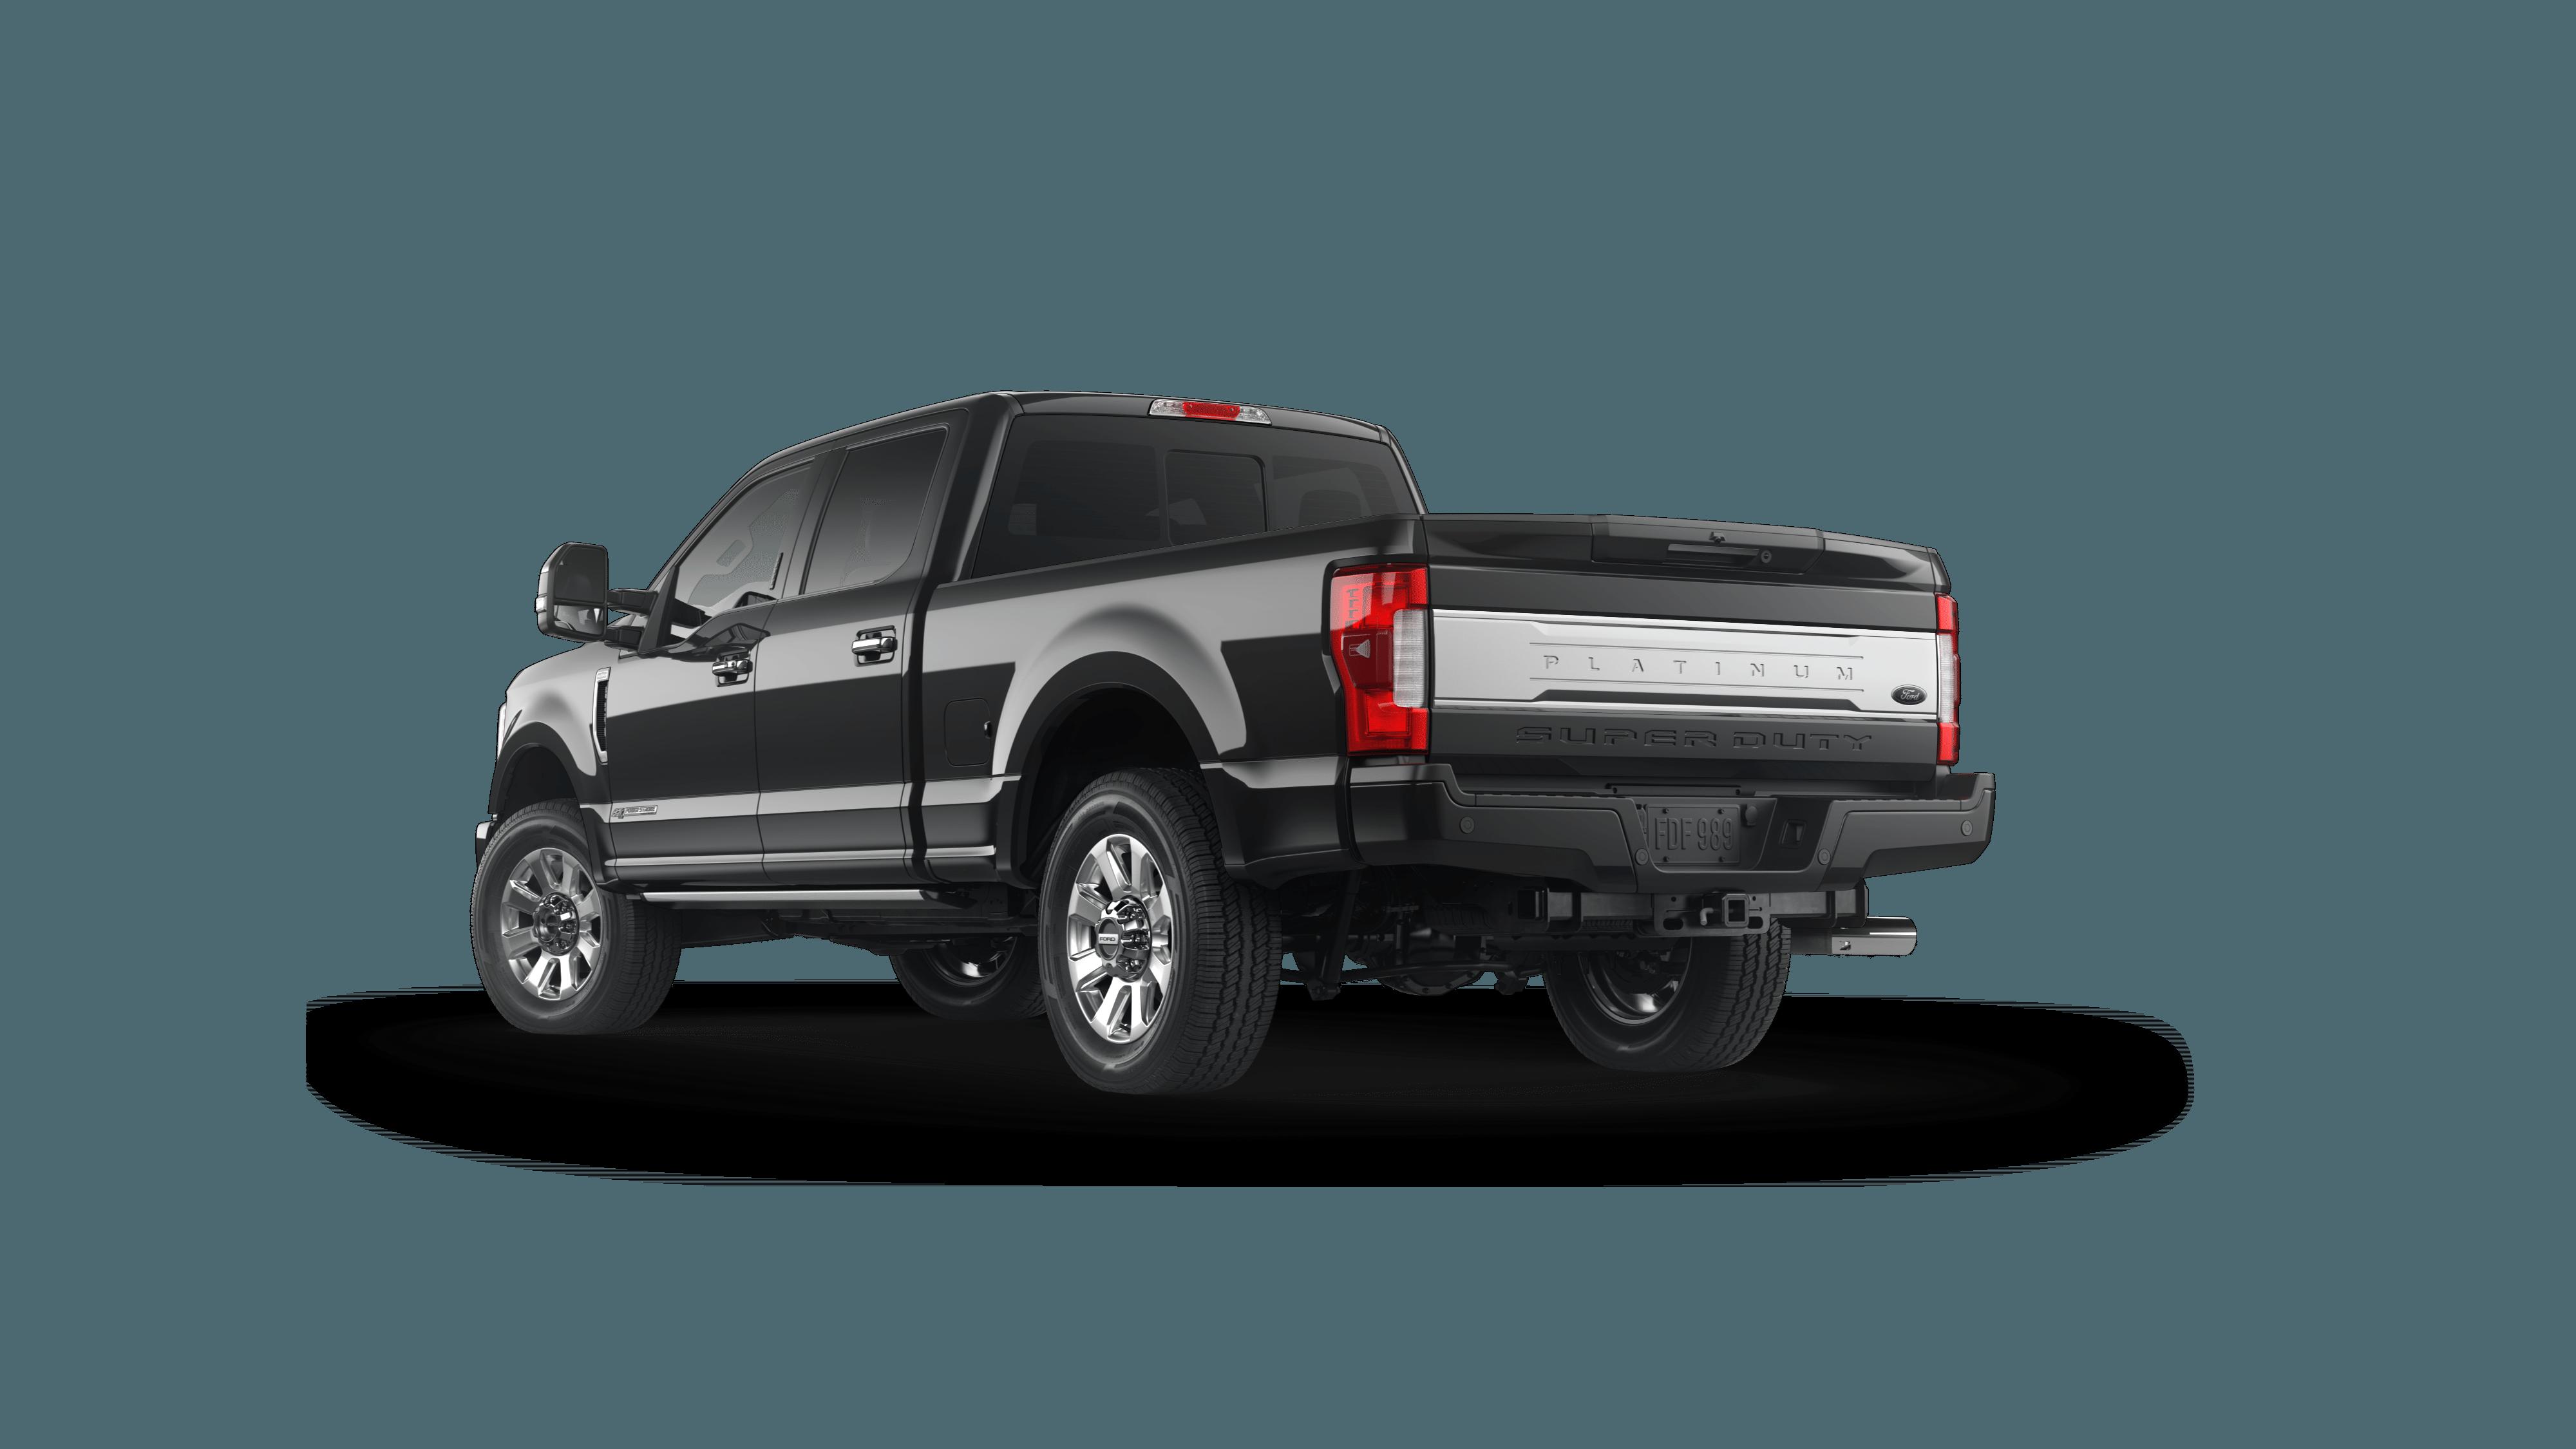 Ciocca Ford Souderton >> Agate Black Metallic 2019 Ford Super Duty F-250 SRW for Sale at Ciocca Ford Souderton - VIN ...